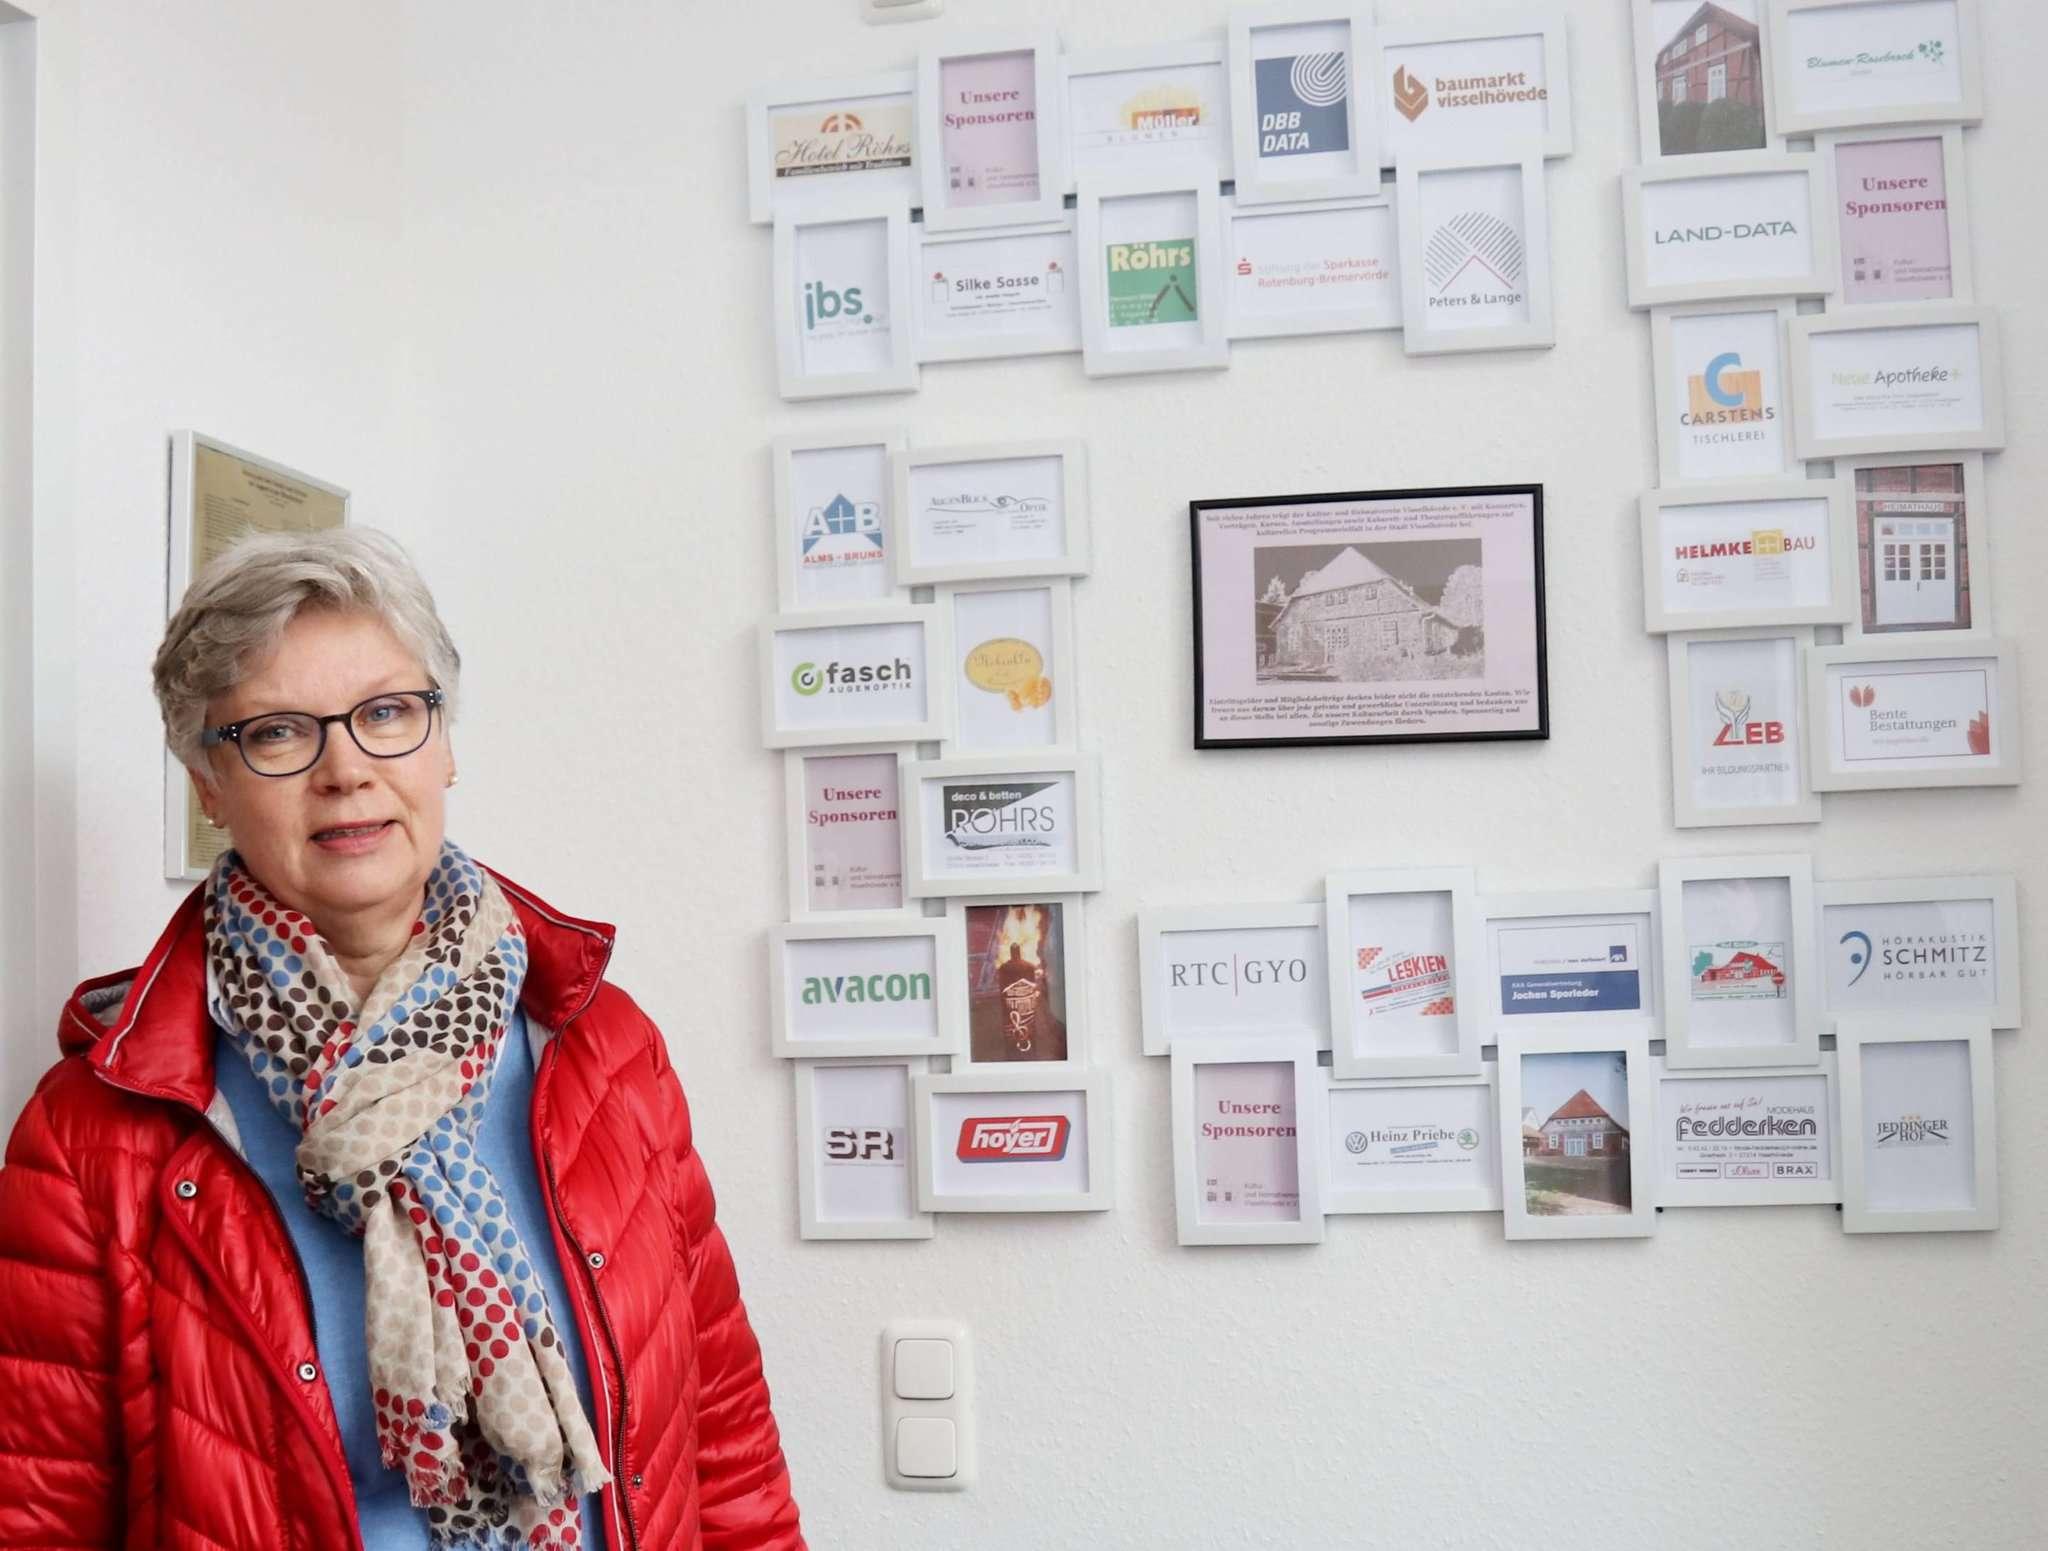 Christiane Wuttke neben der neuen Sponsorenwand: Die Vorsitzende des Kultur- und Heimatvereins freut sich, dass trotz Corona die Mitgliederzahl gestiegen ist. Foto: Nina Baucke